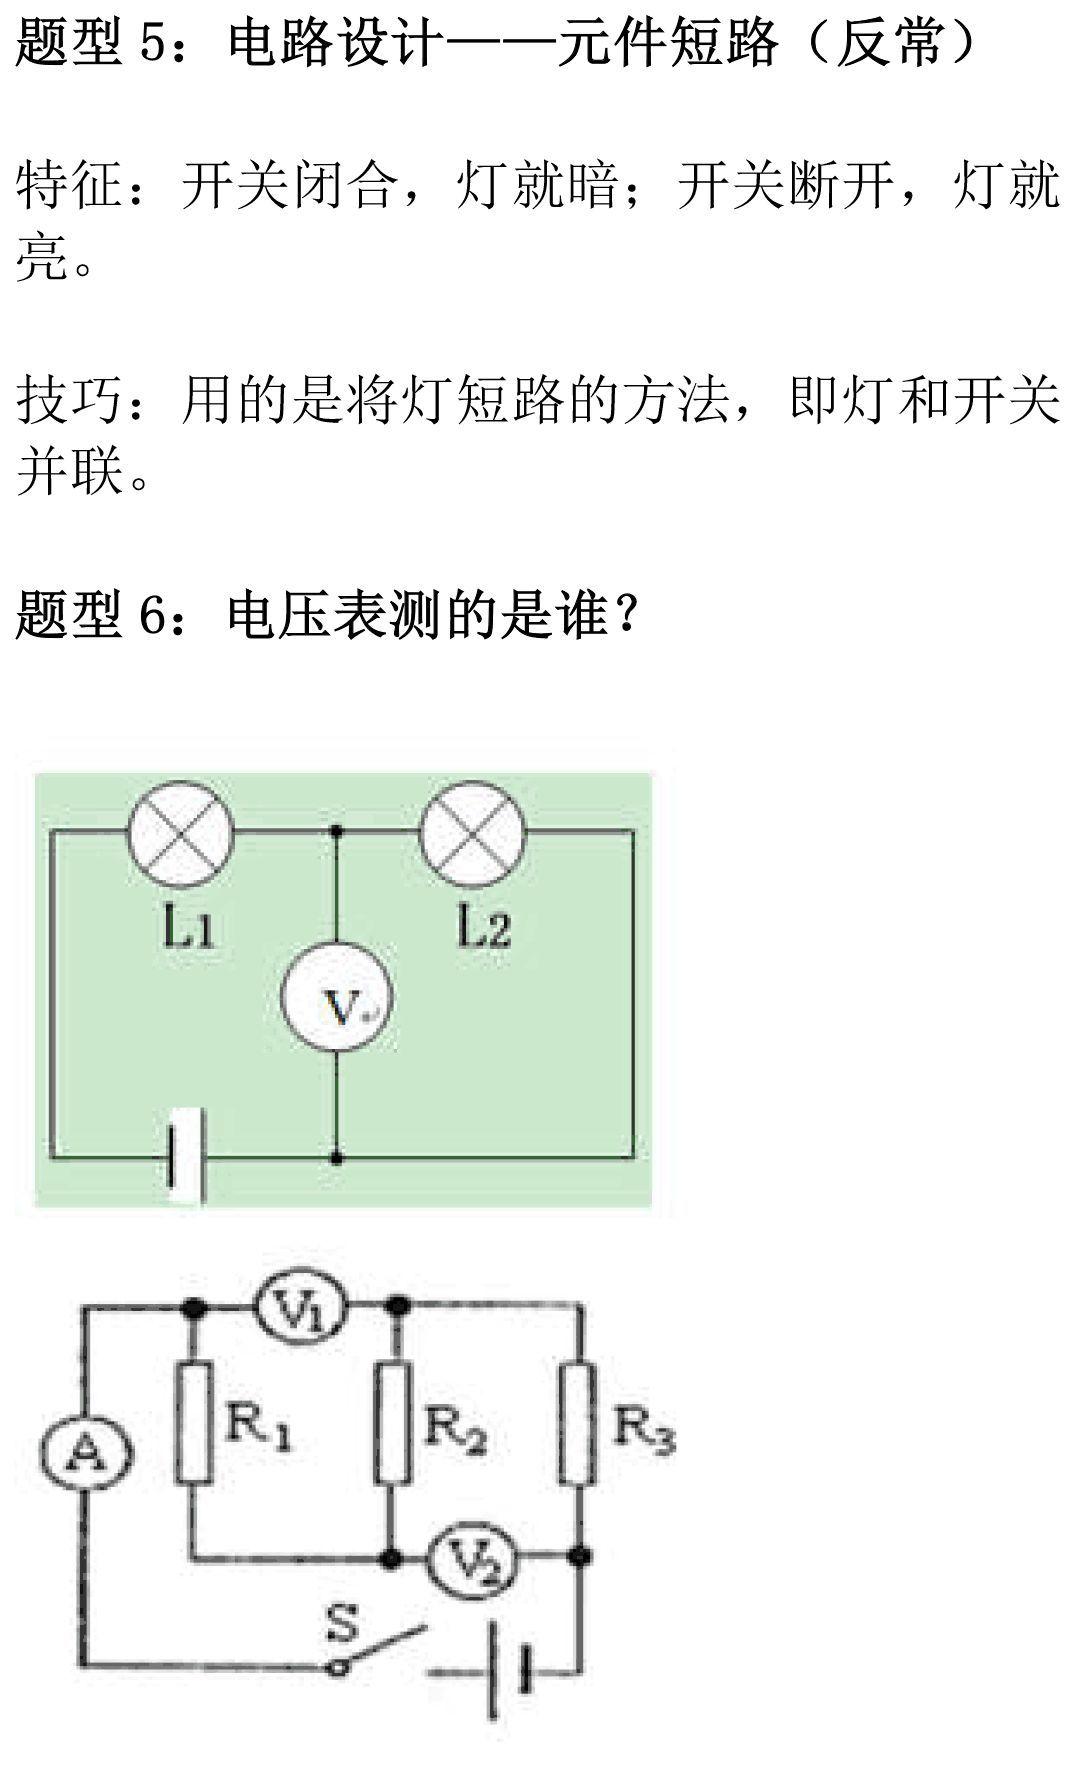 学习方法 初中学习方法 初中物理学习方法 > 正文